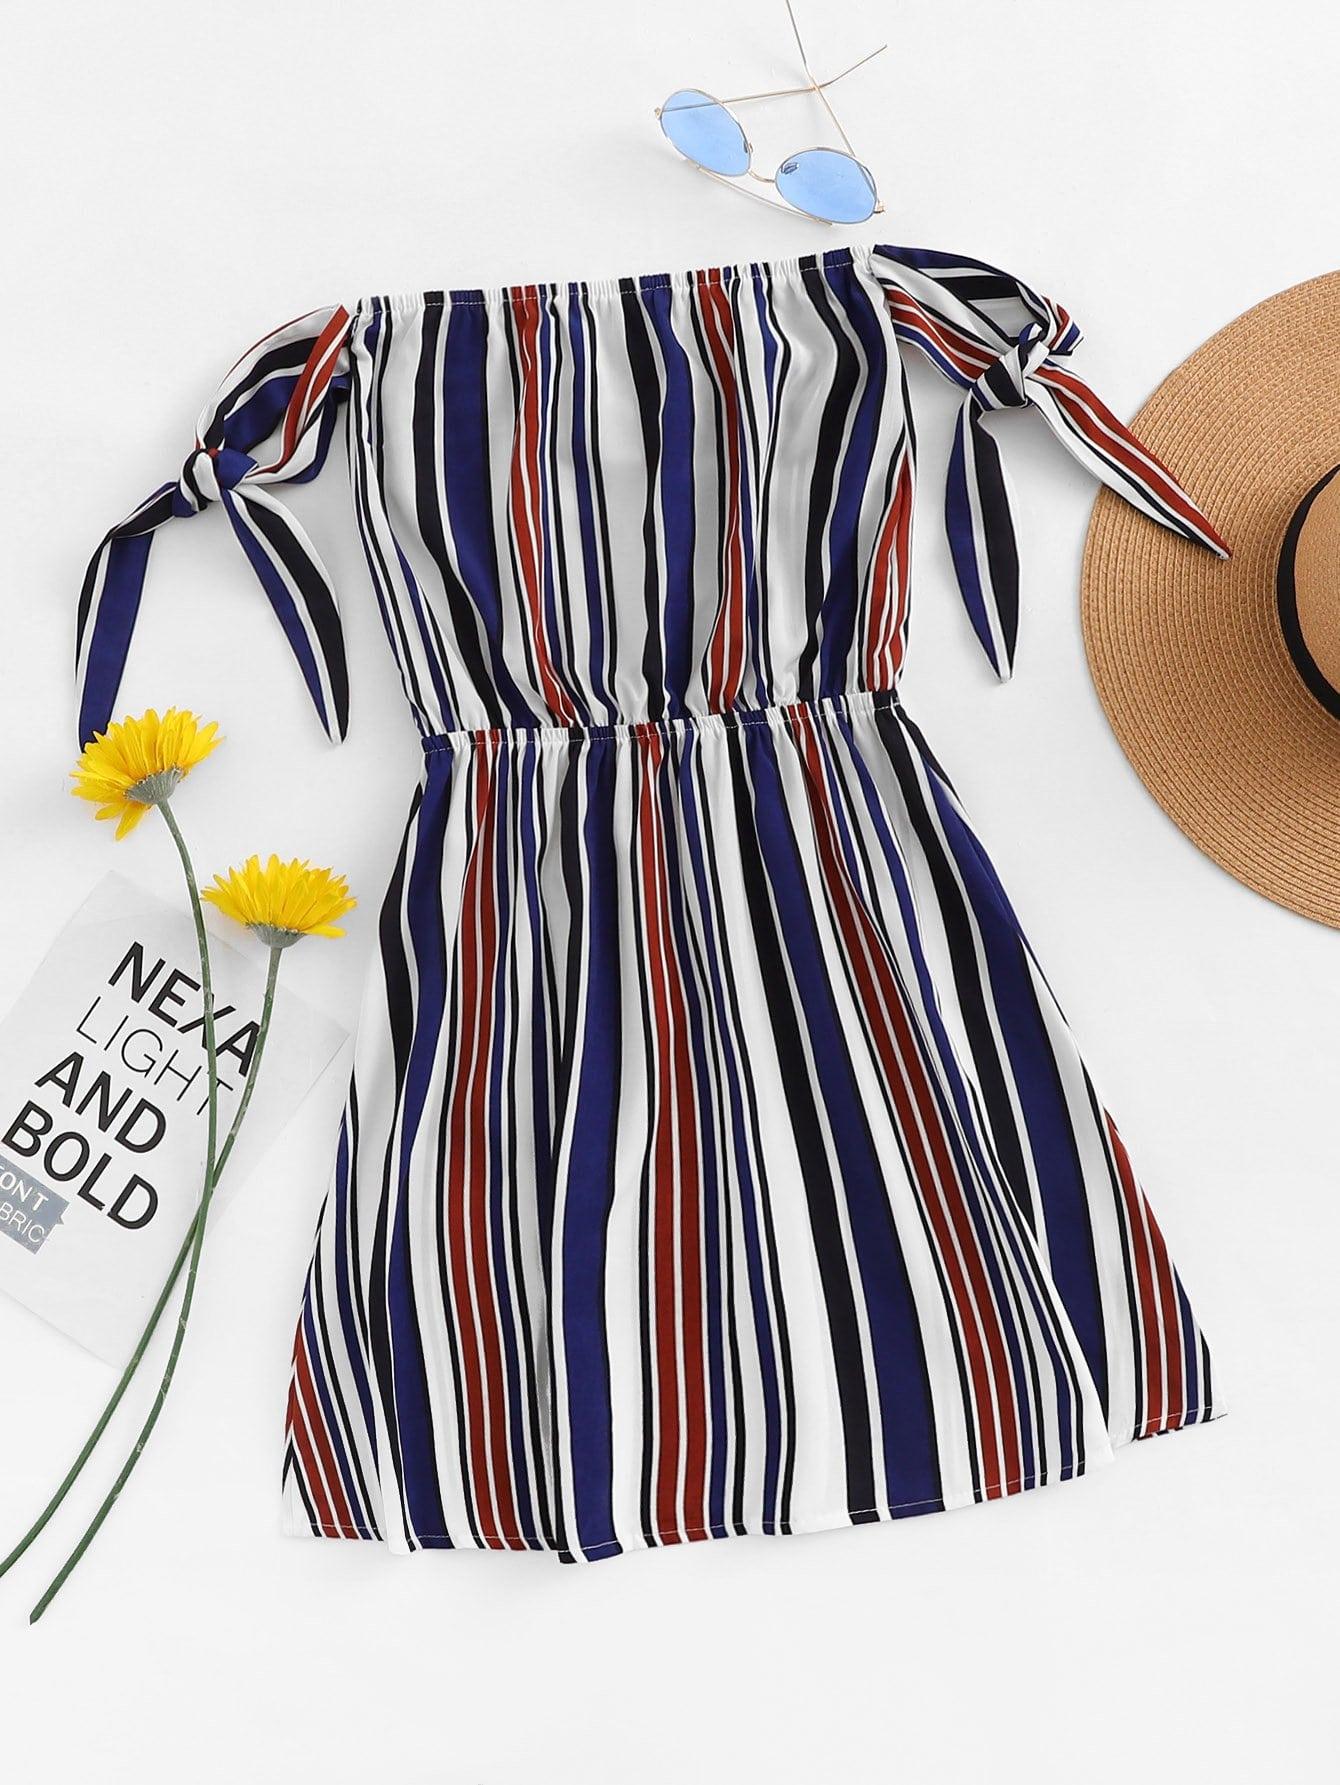 Bardot Self Tie Sleeve Elastic Waist Dress